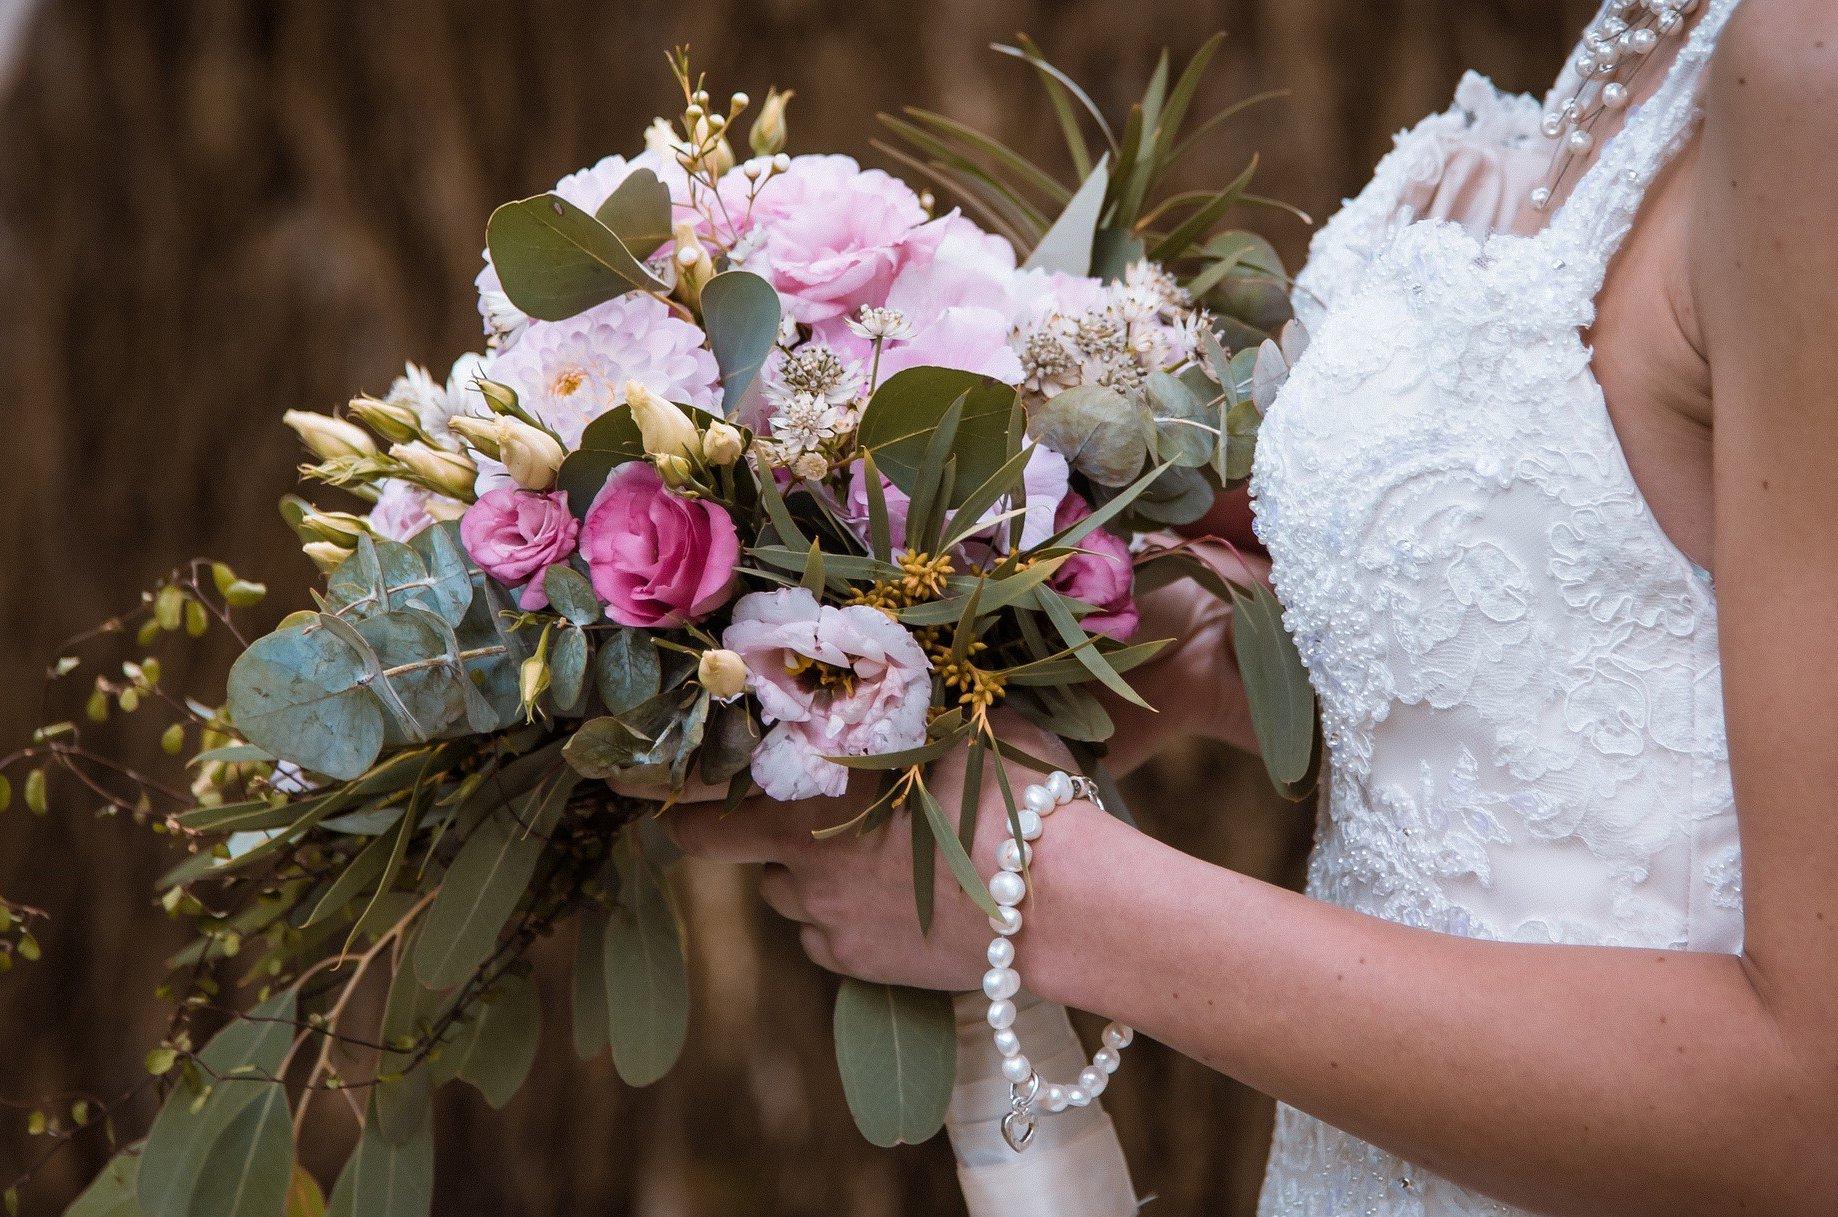 Bouquet Da Sposa Significato.Bouquet Da Sposa Significato Tutti I Segreti Per Renderlo Perfetto